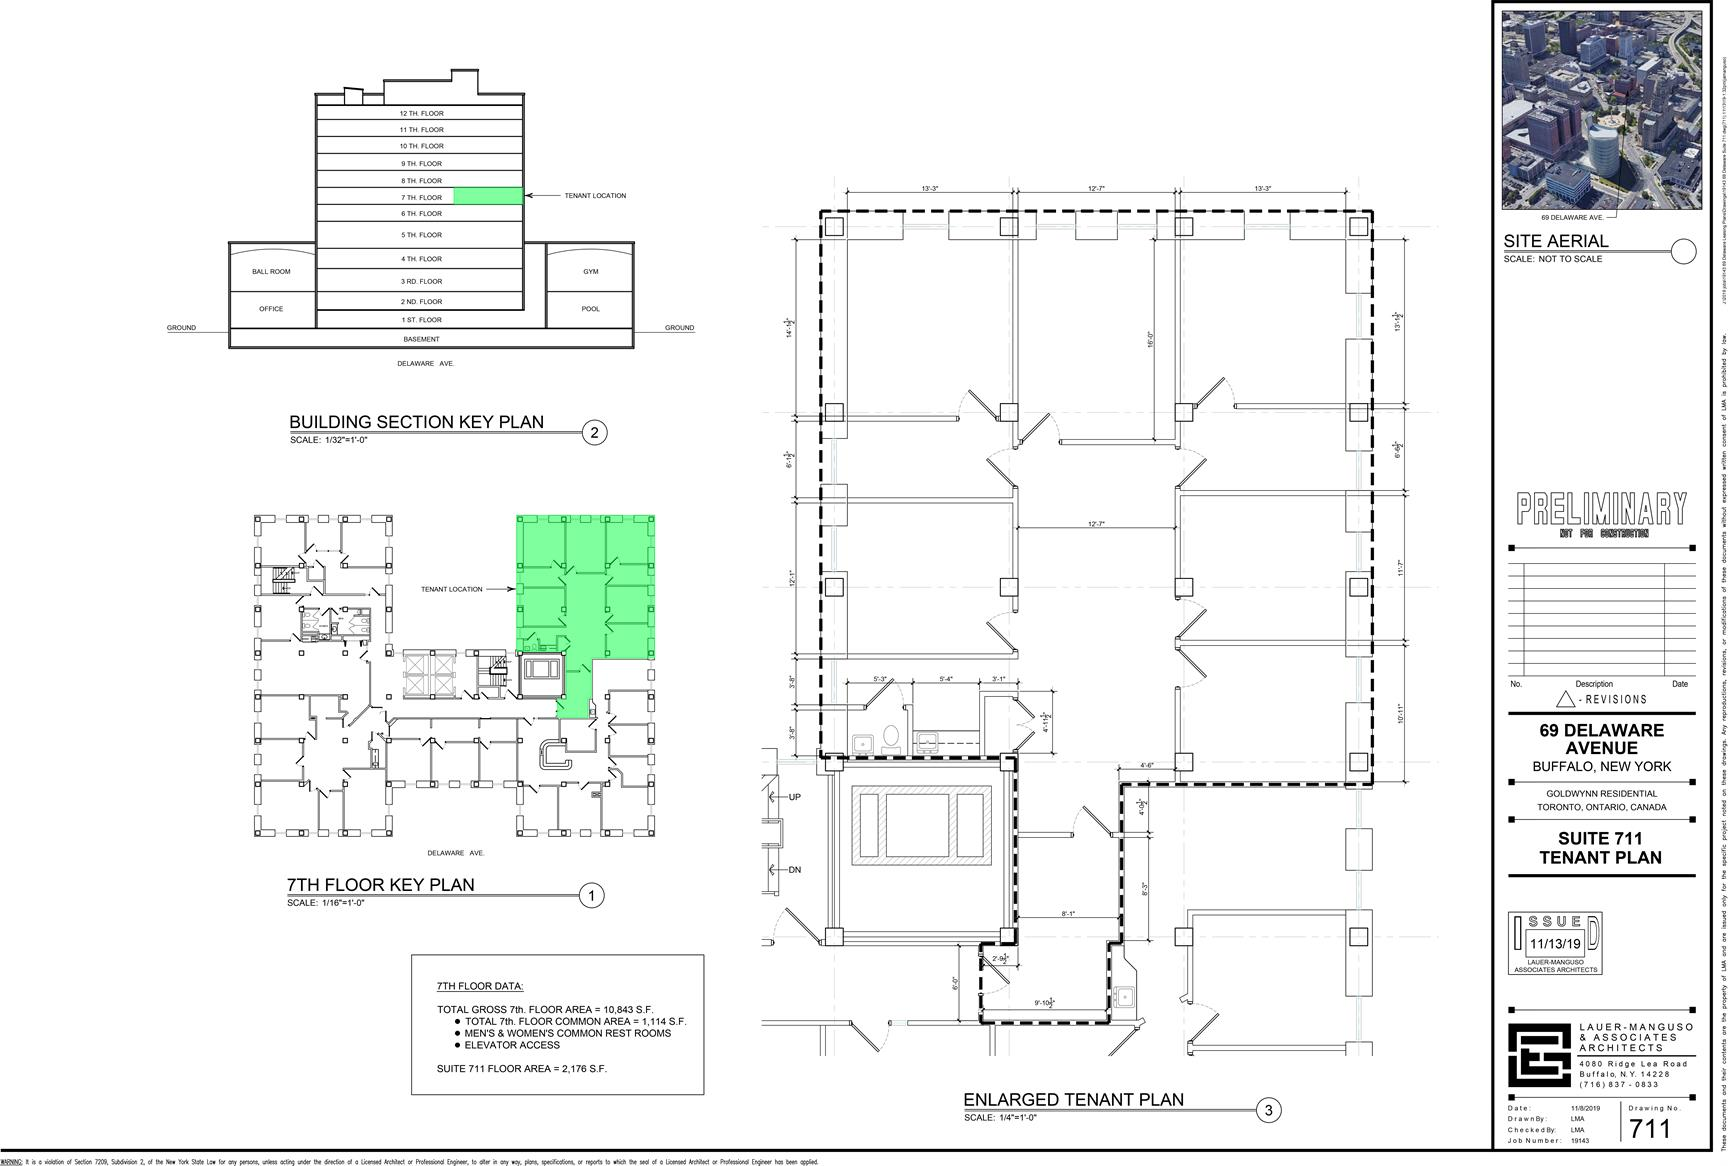 1183 Floor Plan